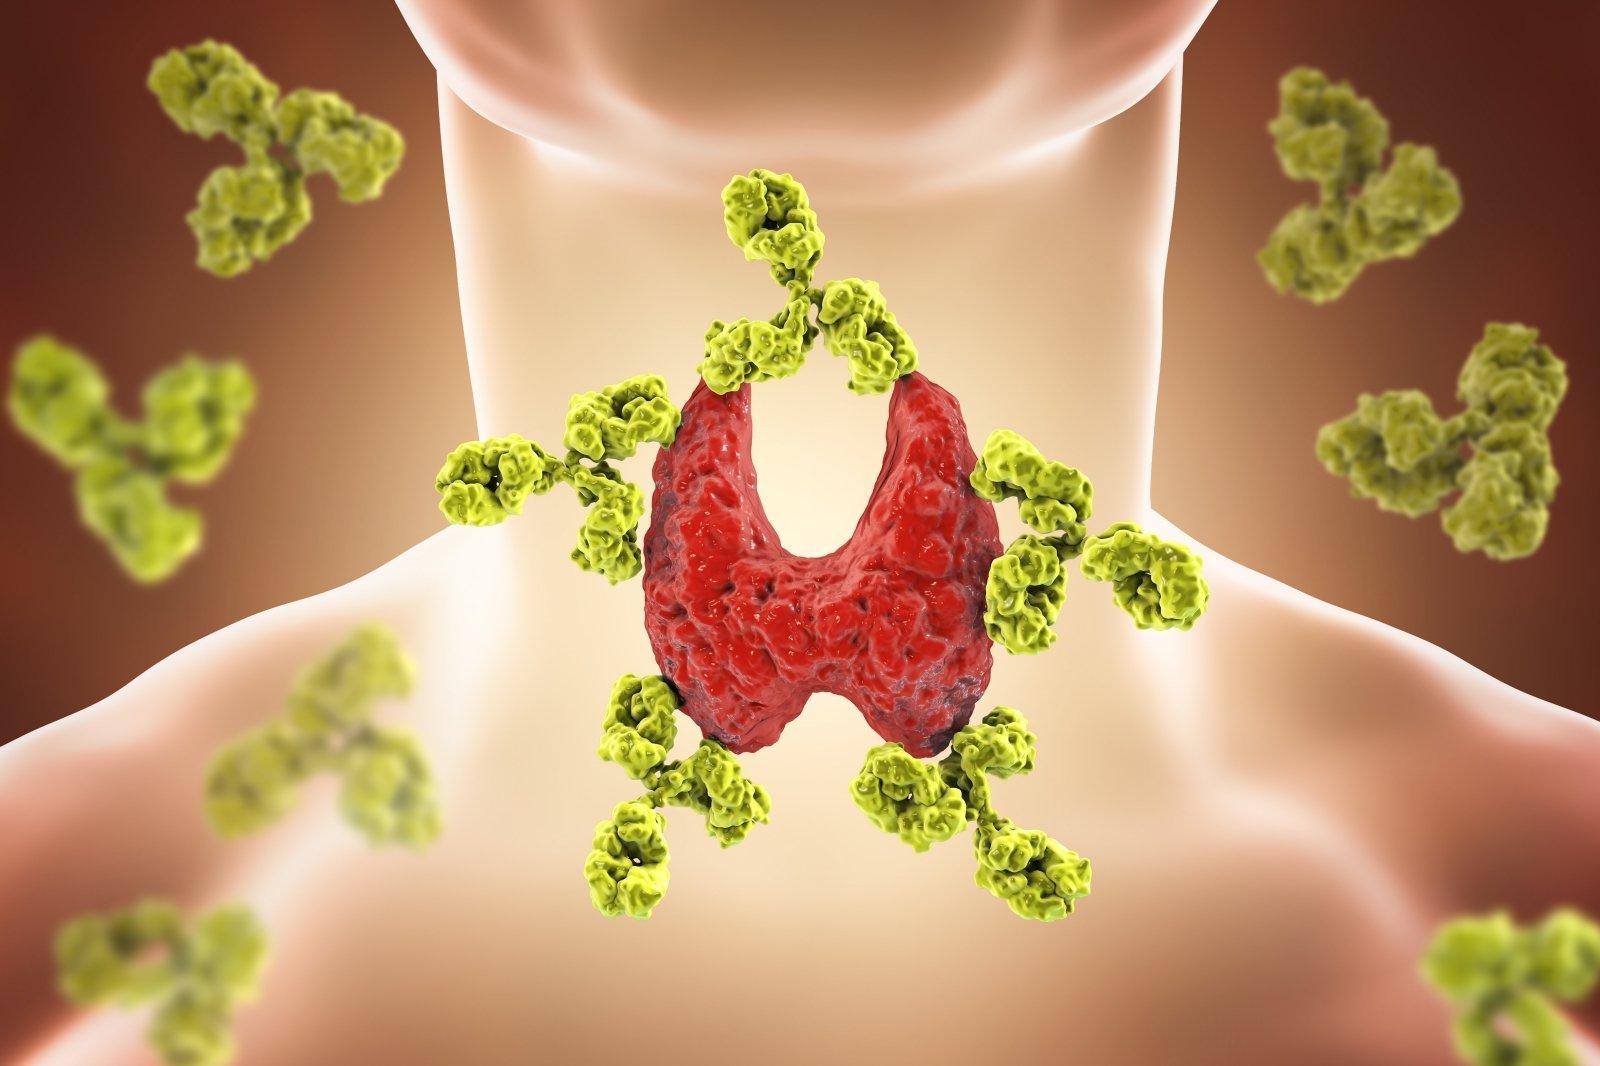 Kaip geriausia mesti svorį, kai tam priešinasi skydliaukės hormonai - DELFI Gyvenimas